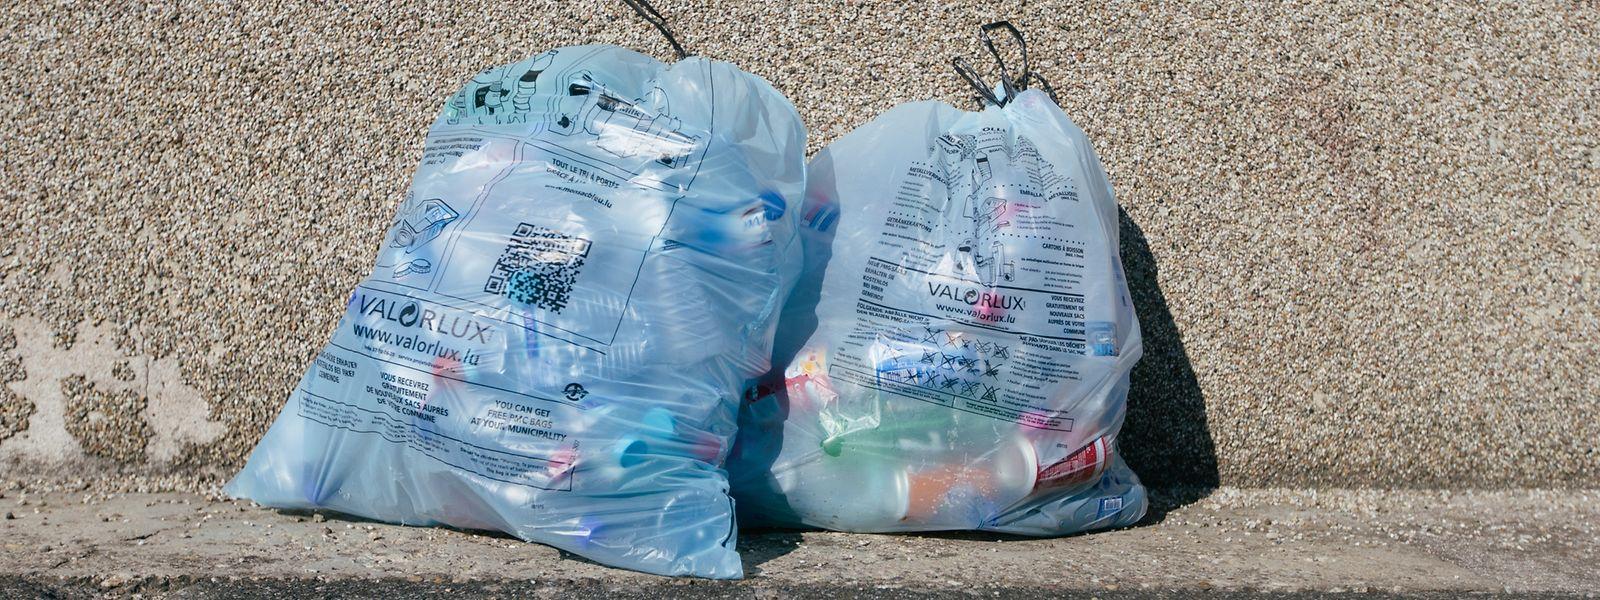 Der Umfang des Plastikverbrauchs soll in Luxemburg reduziert werden.